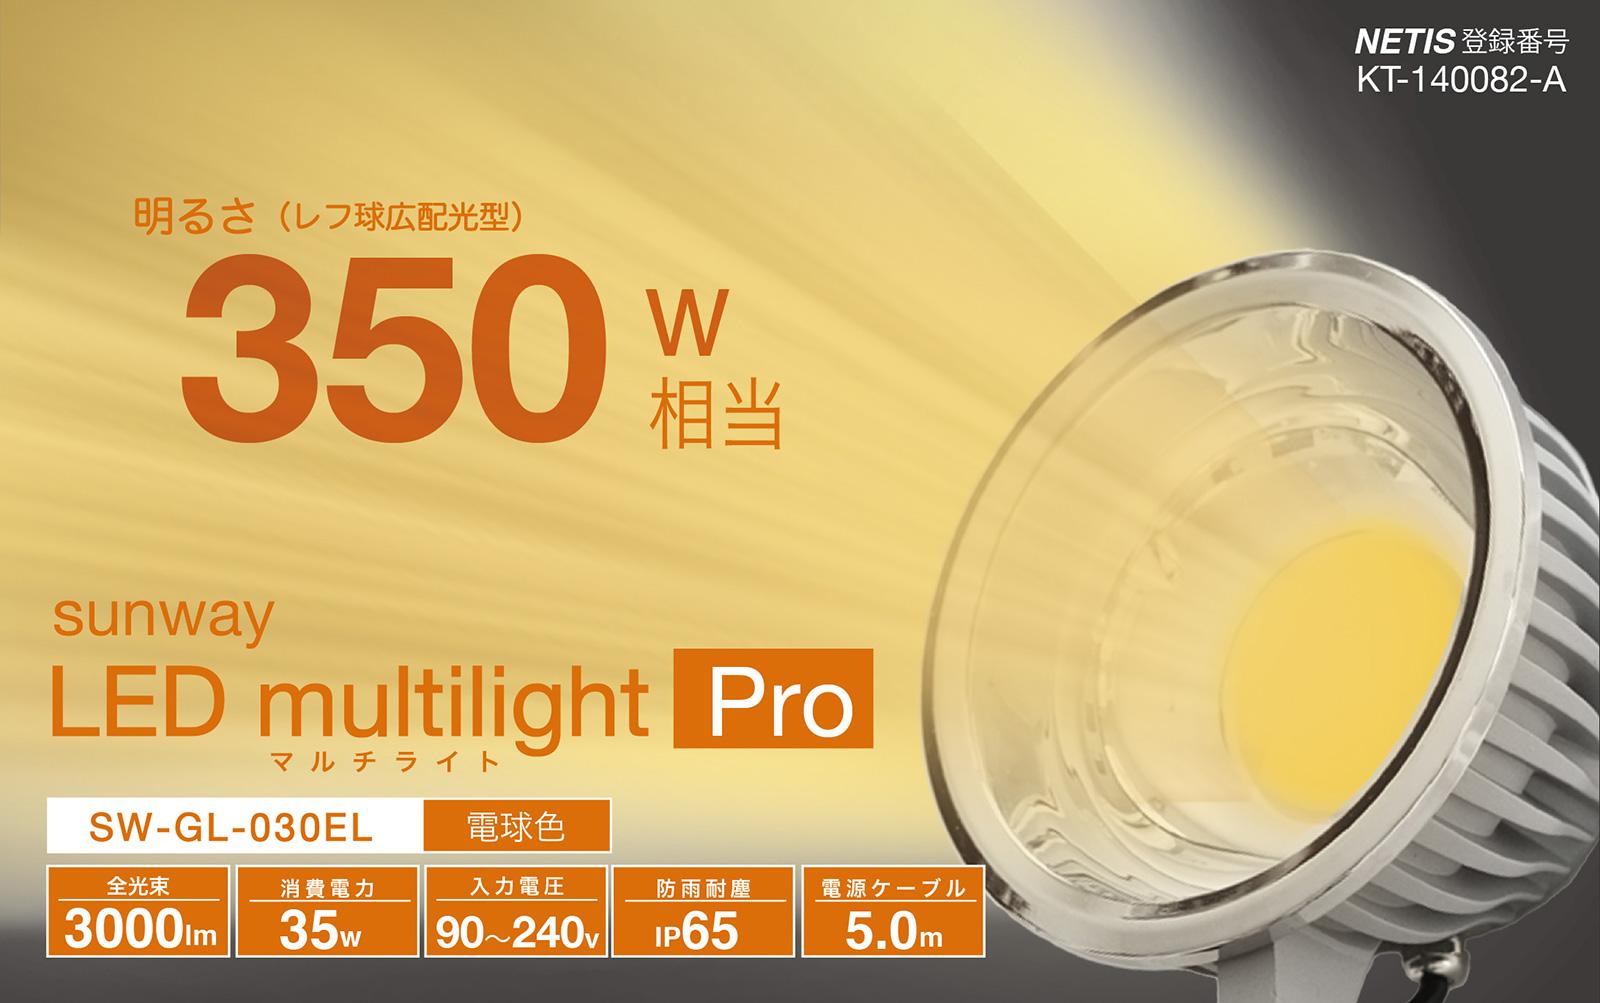 ◎サンウェイ LEDマルチライト・プロ 屋外対応LED投光器(作業灯) 90V~240V対応 35W 3000lm 屋外用レフランプ350W相当 電球色(3000K) 照射角度60° 防塵 防雨(IP65) 電源ケーブル5m SW-GL-030EL